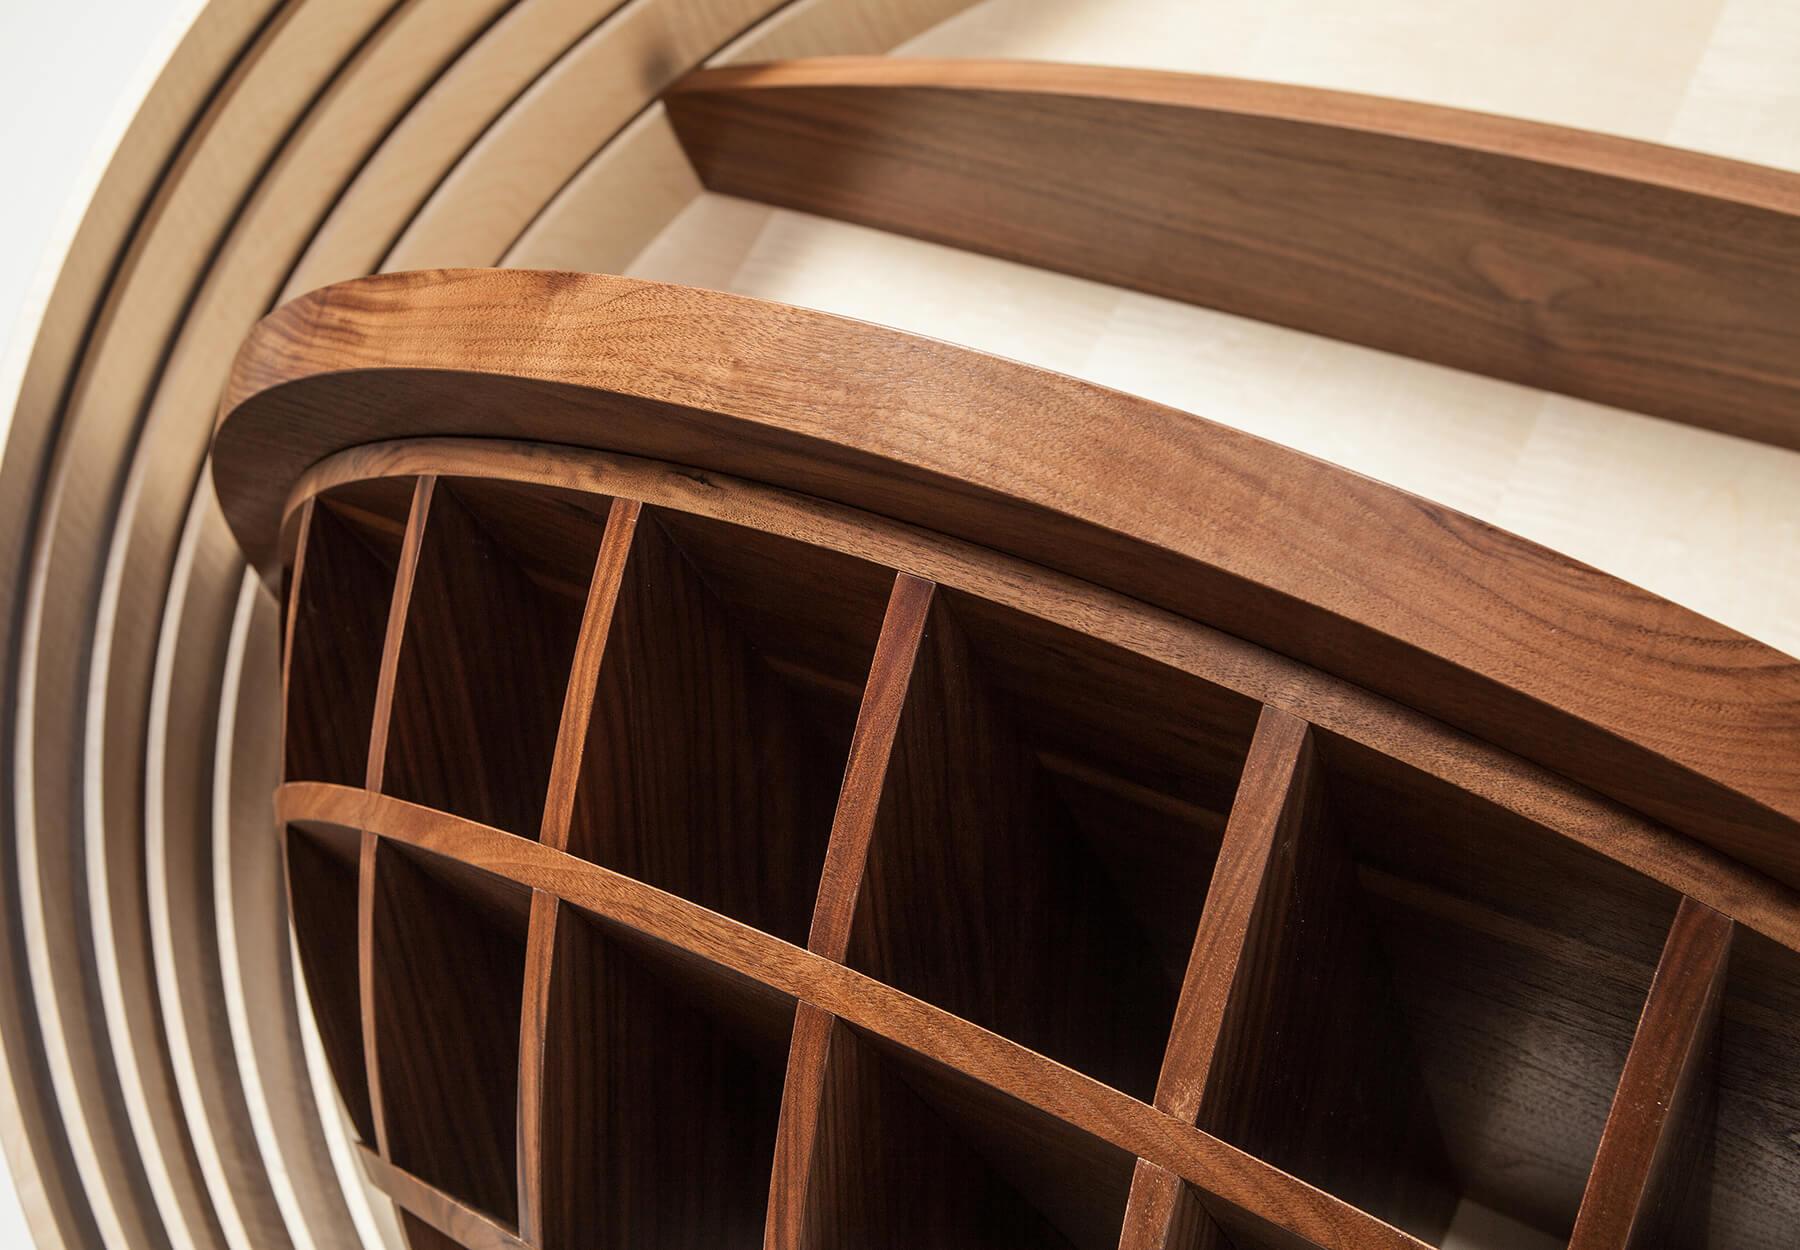 Custom wall-mounted wine wrack in walnut by Splinterworks.